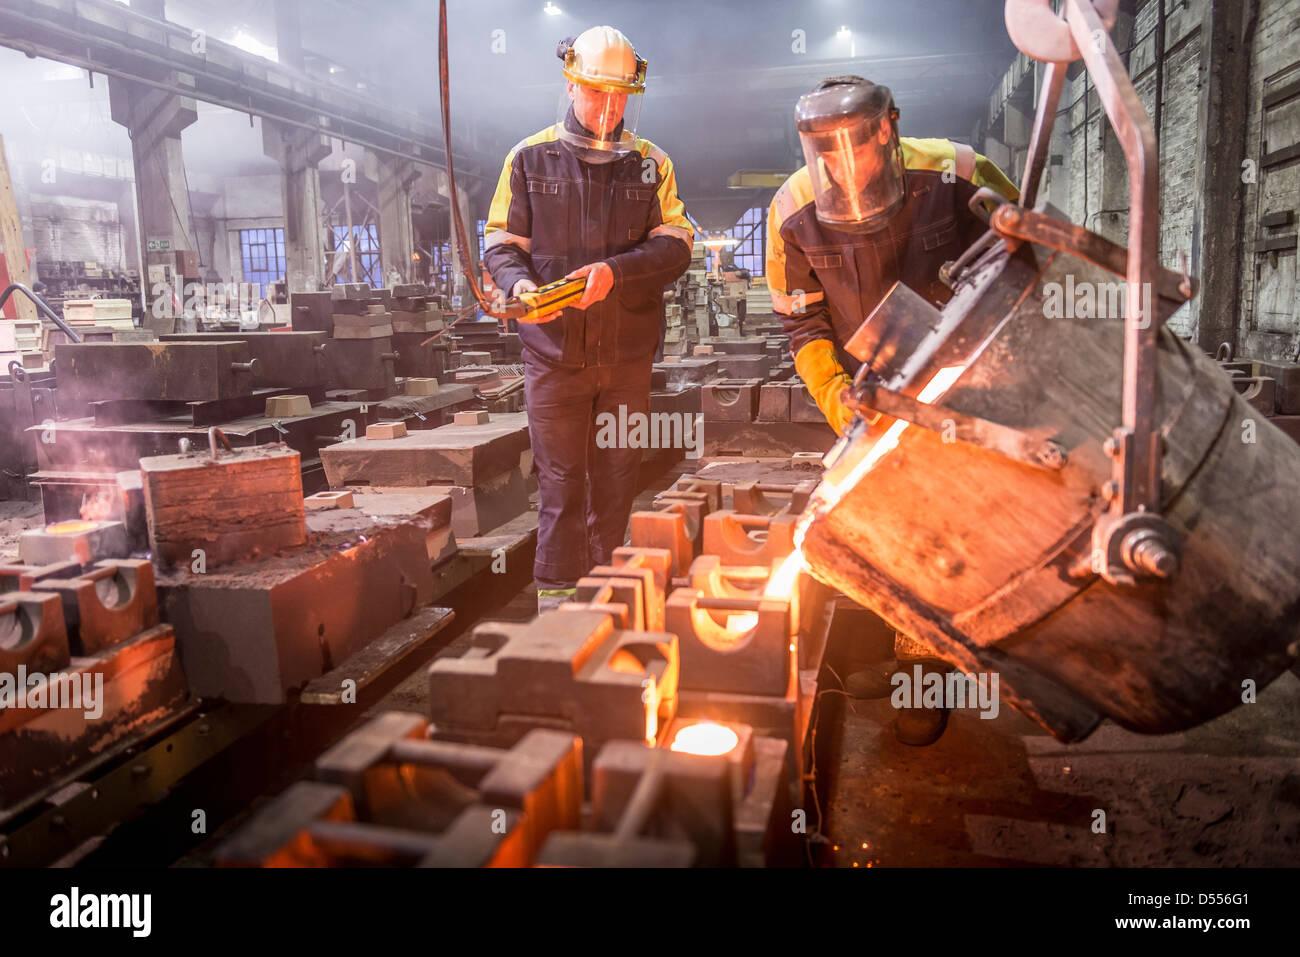 Verser les travailleurs du métal en fusion dans Foundry Photo Stock